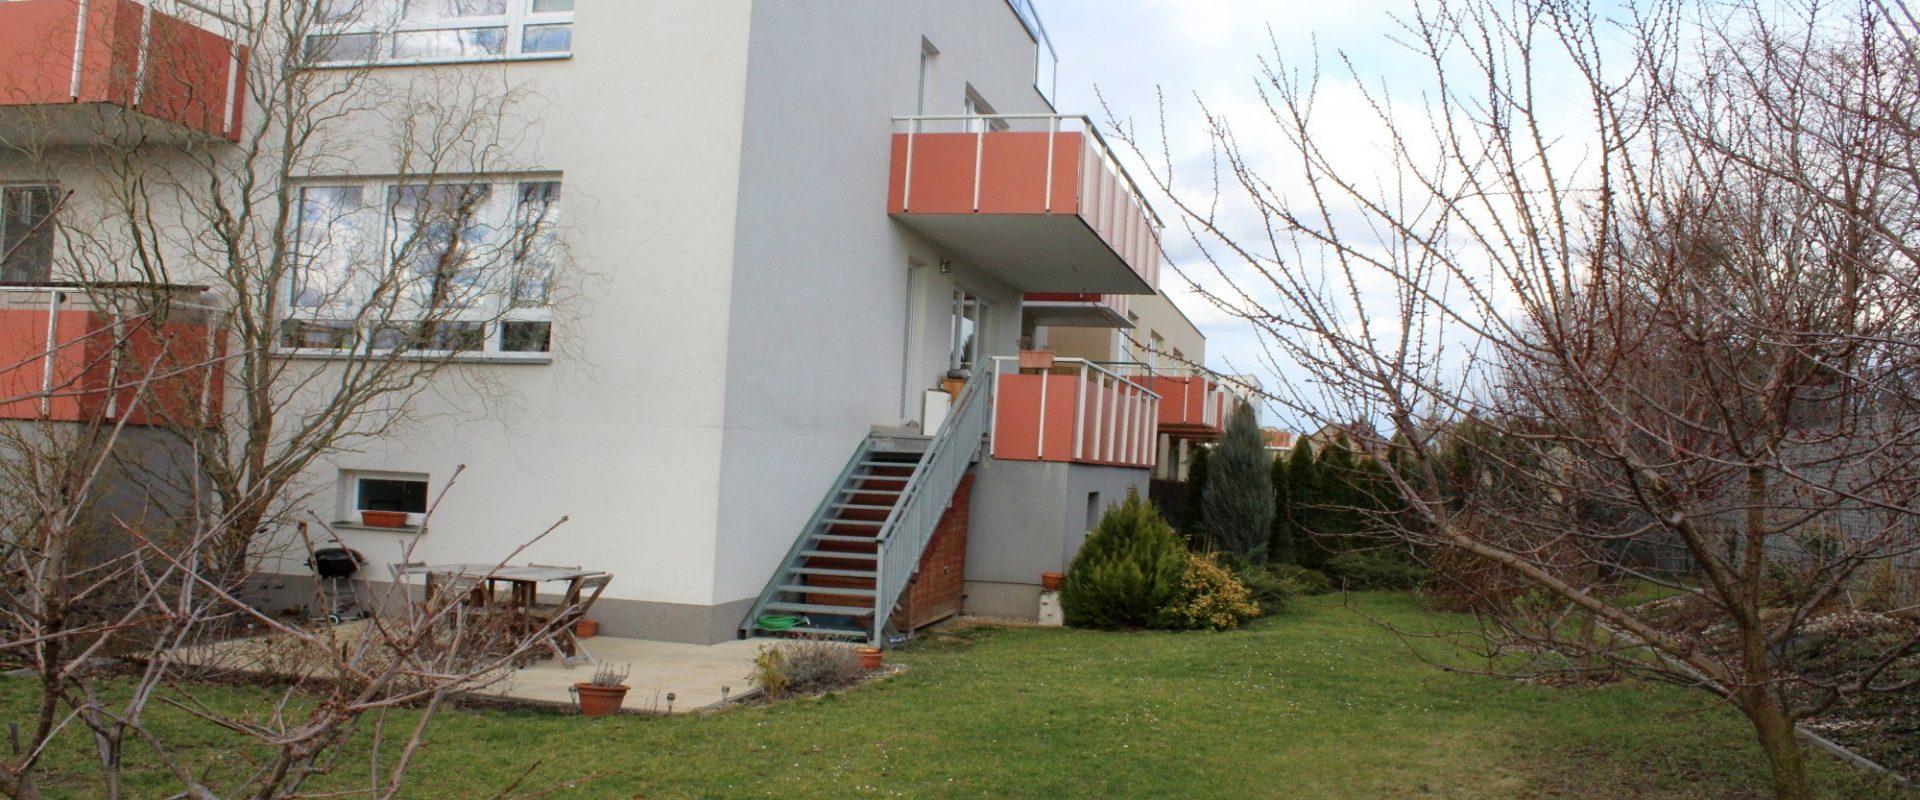 Byt, OV, 2+kk/Terasa a prostorná zahrada 269 m2, Praha – Uhříněves.